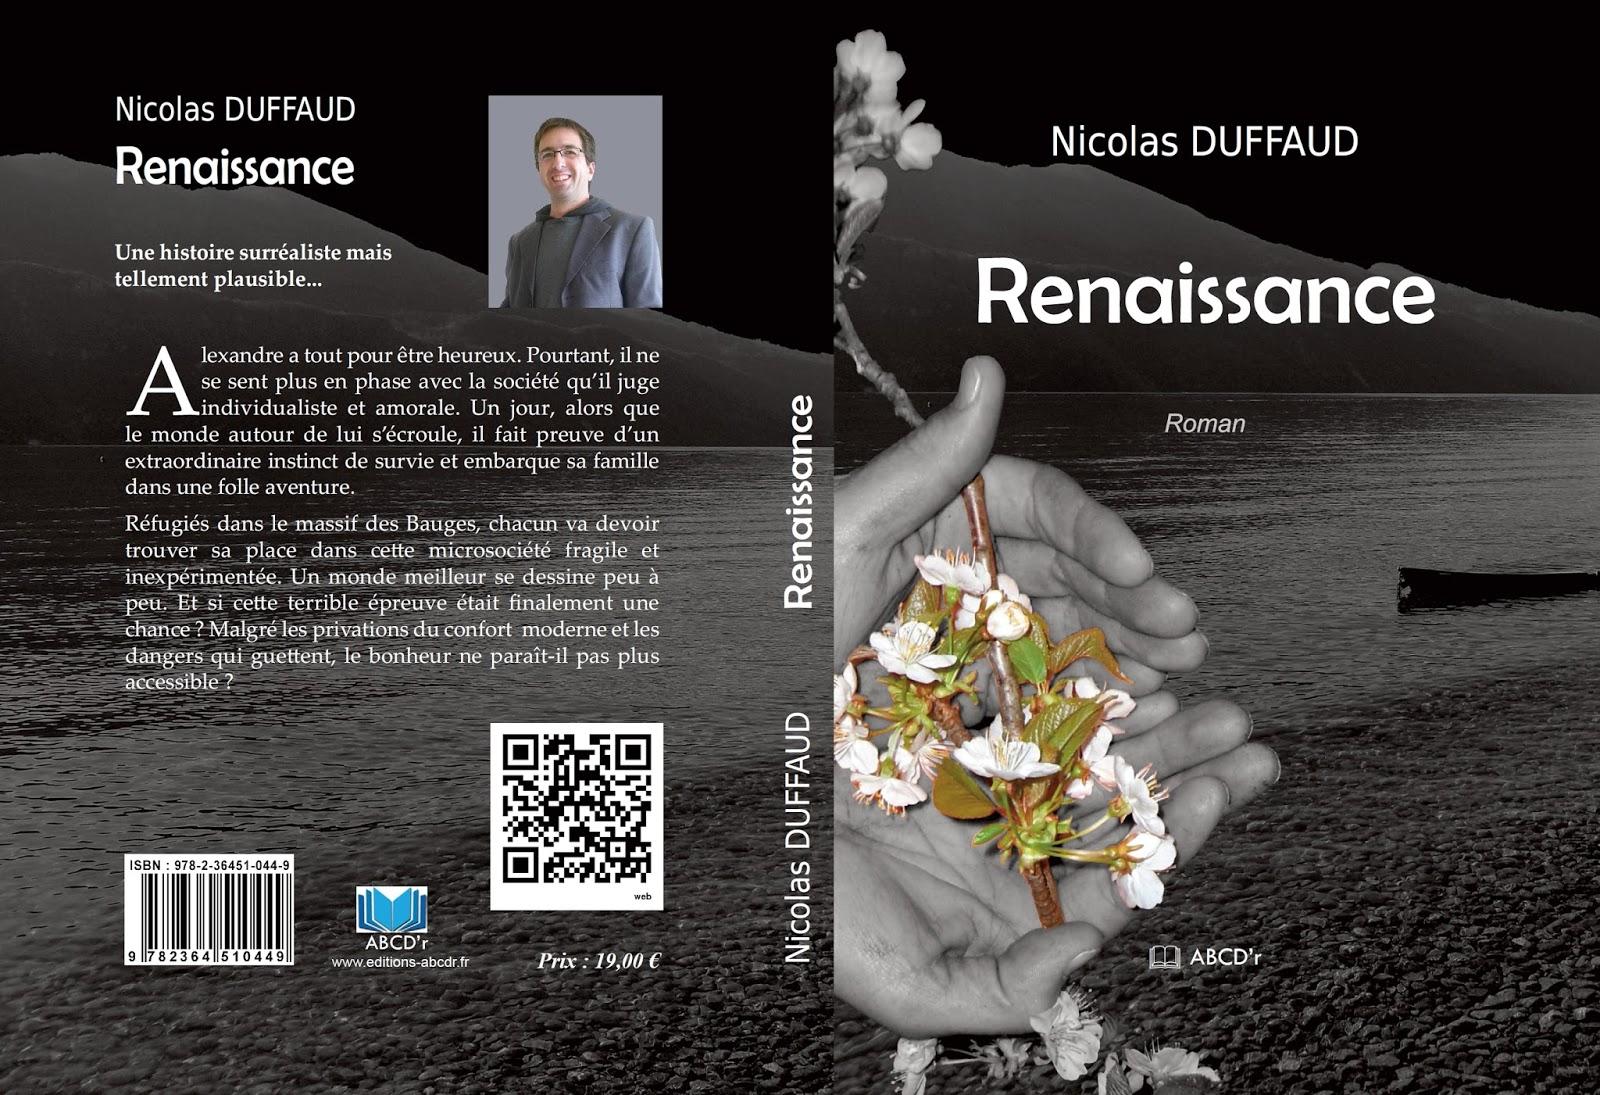 Renaissance, les objectifs du livre